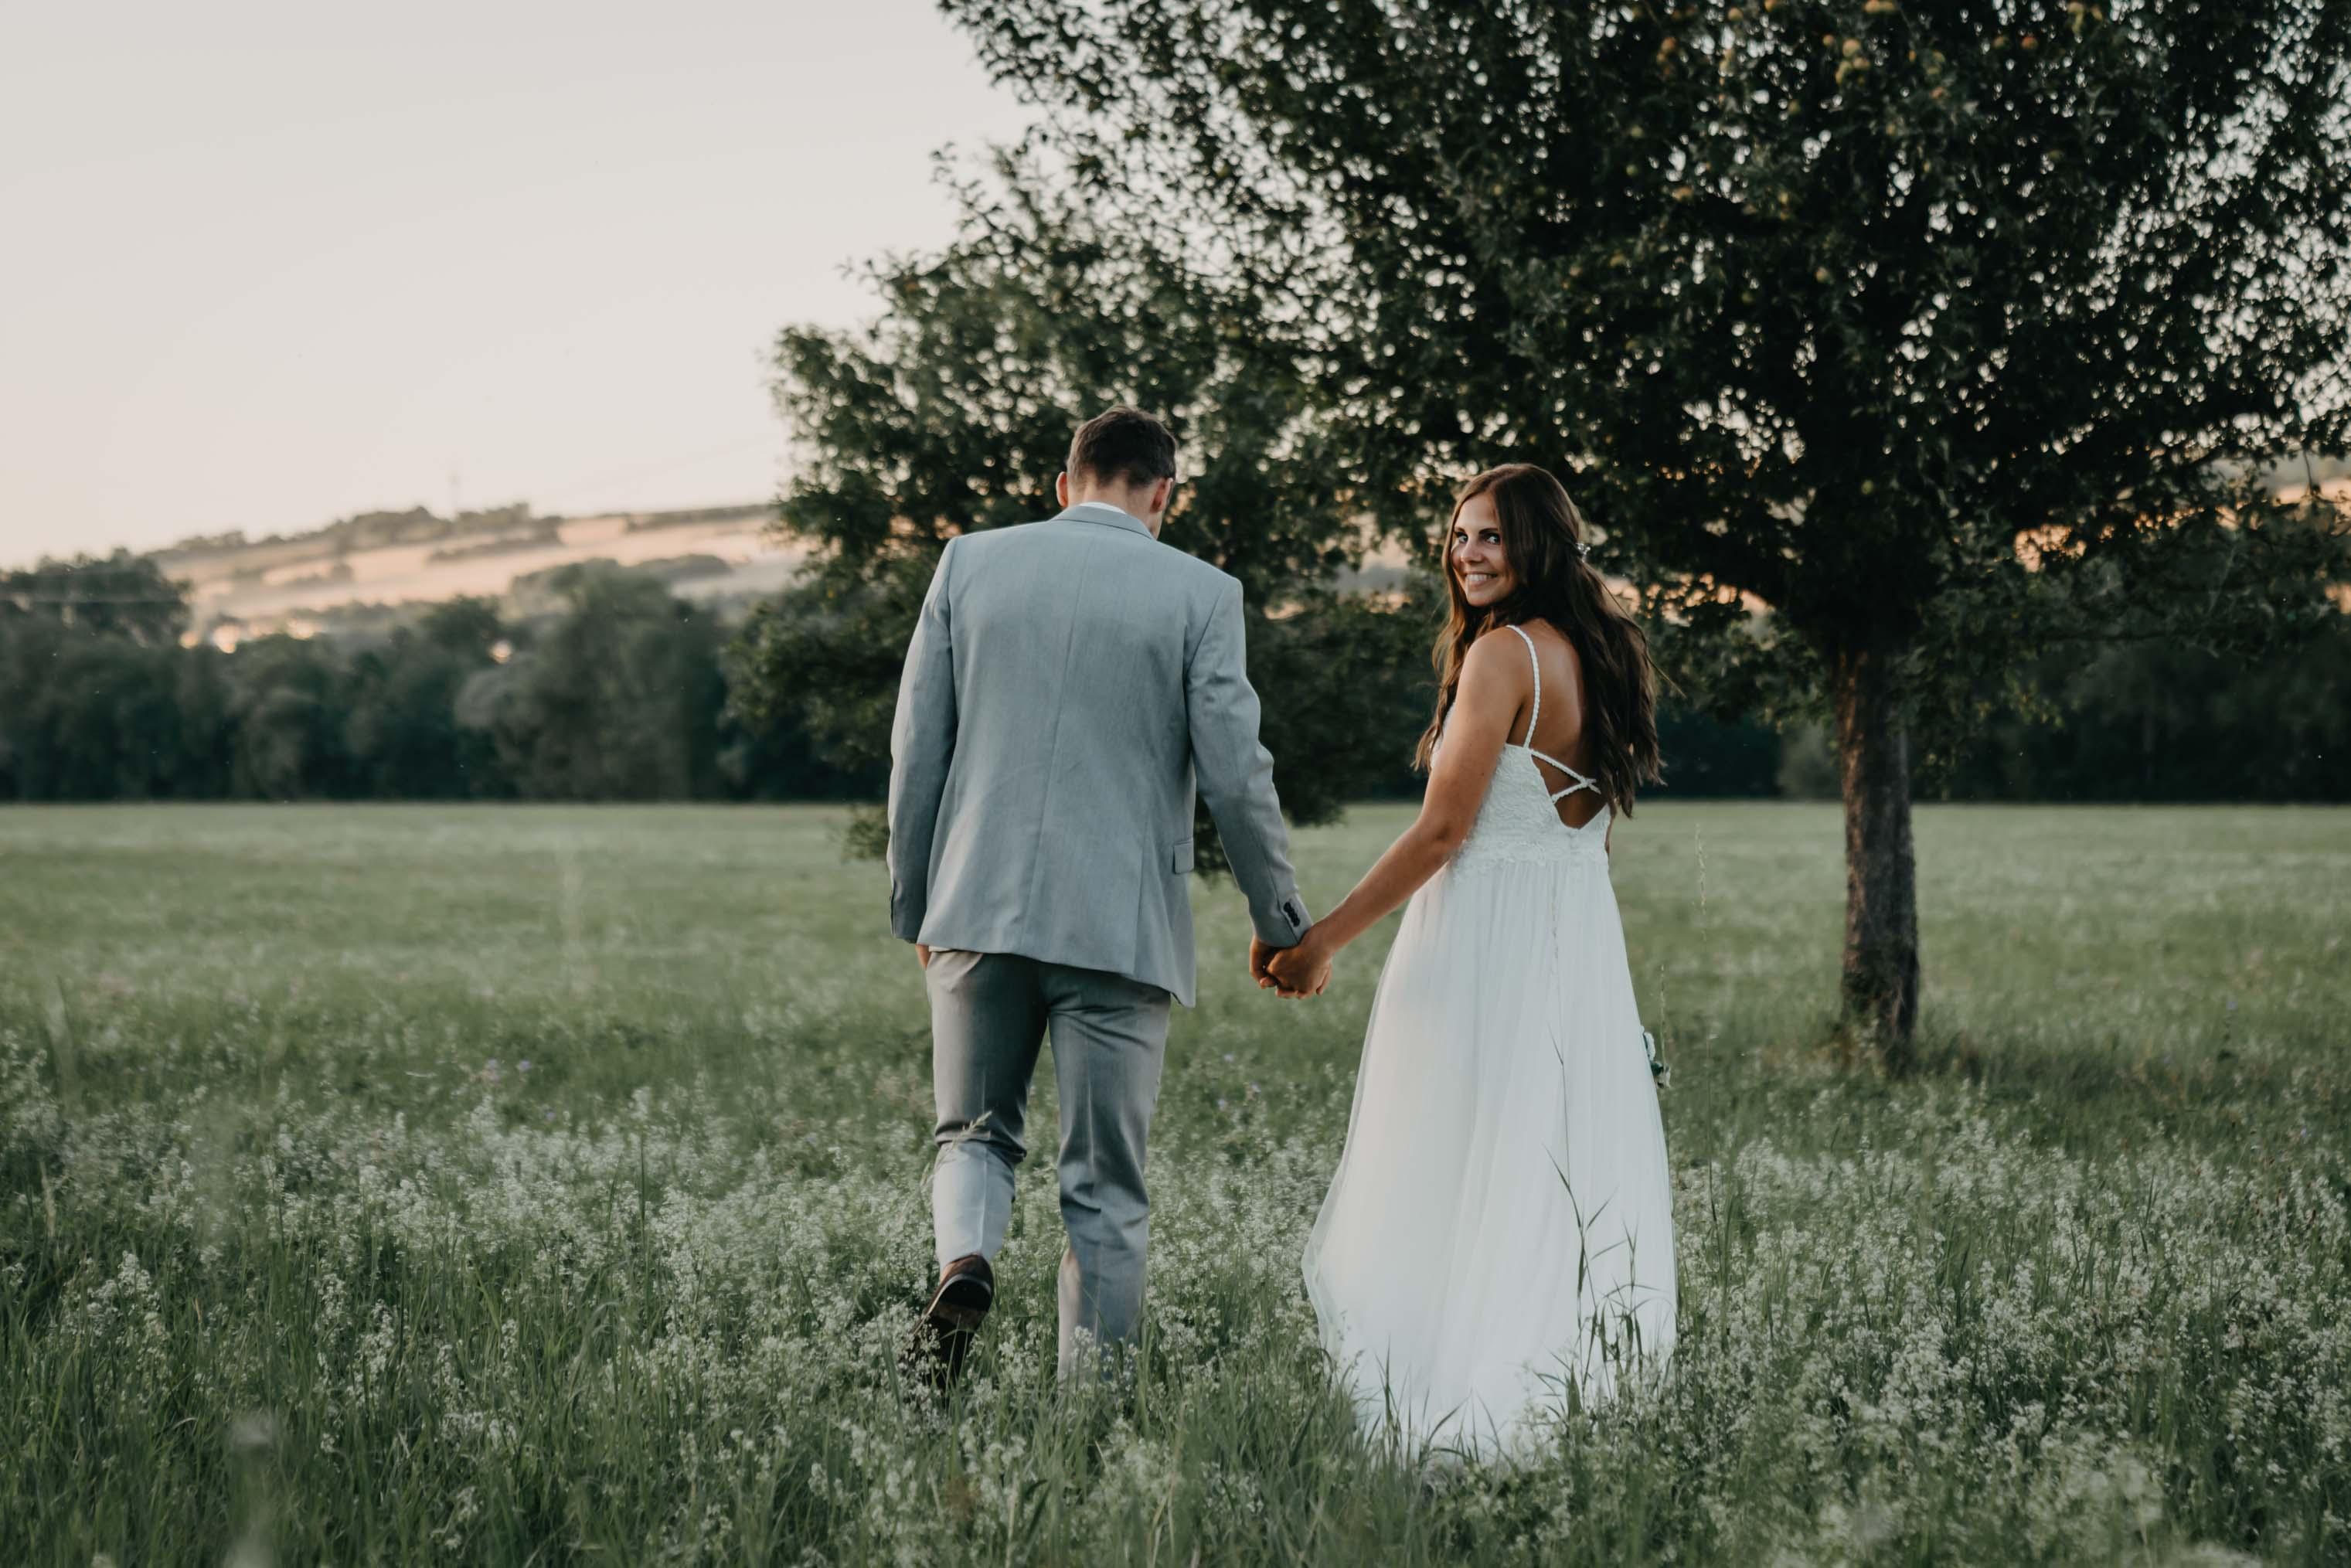 Das Brautpaar geht Hand in Hand über eine weite Wiese.